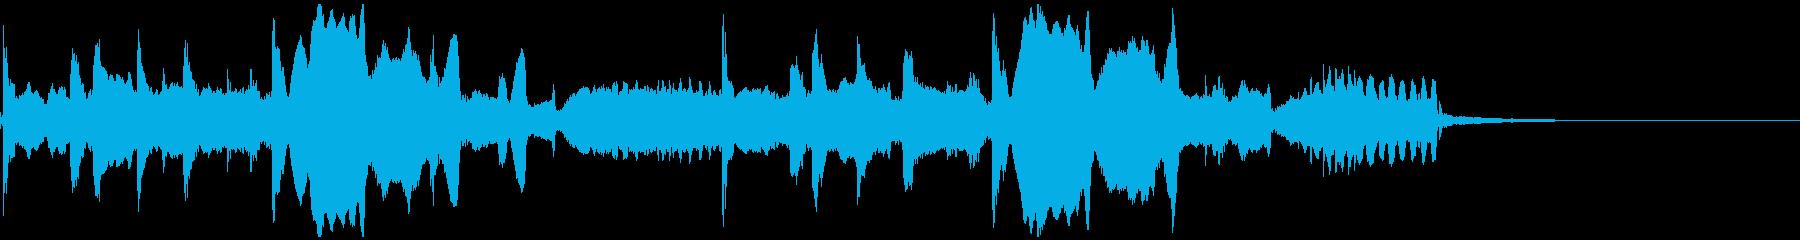 中国/秘境/二胡/琴/ジングルの再生済みの波形